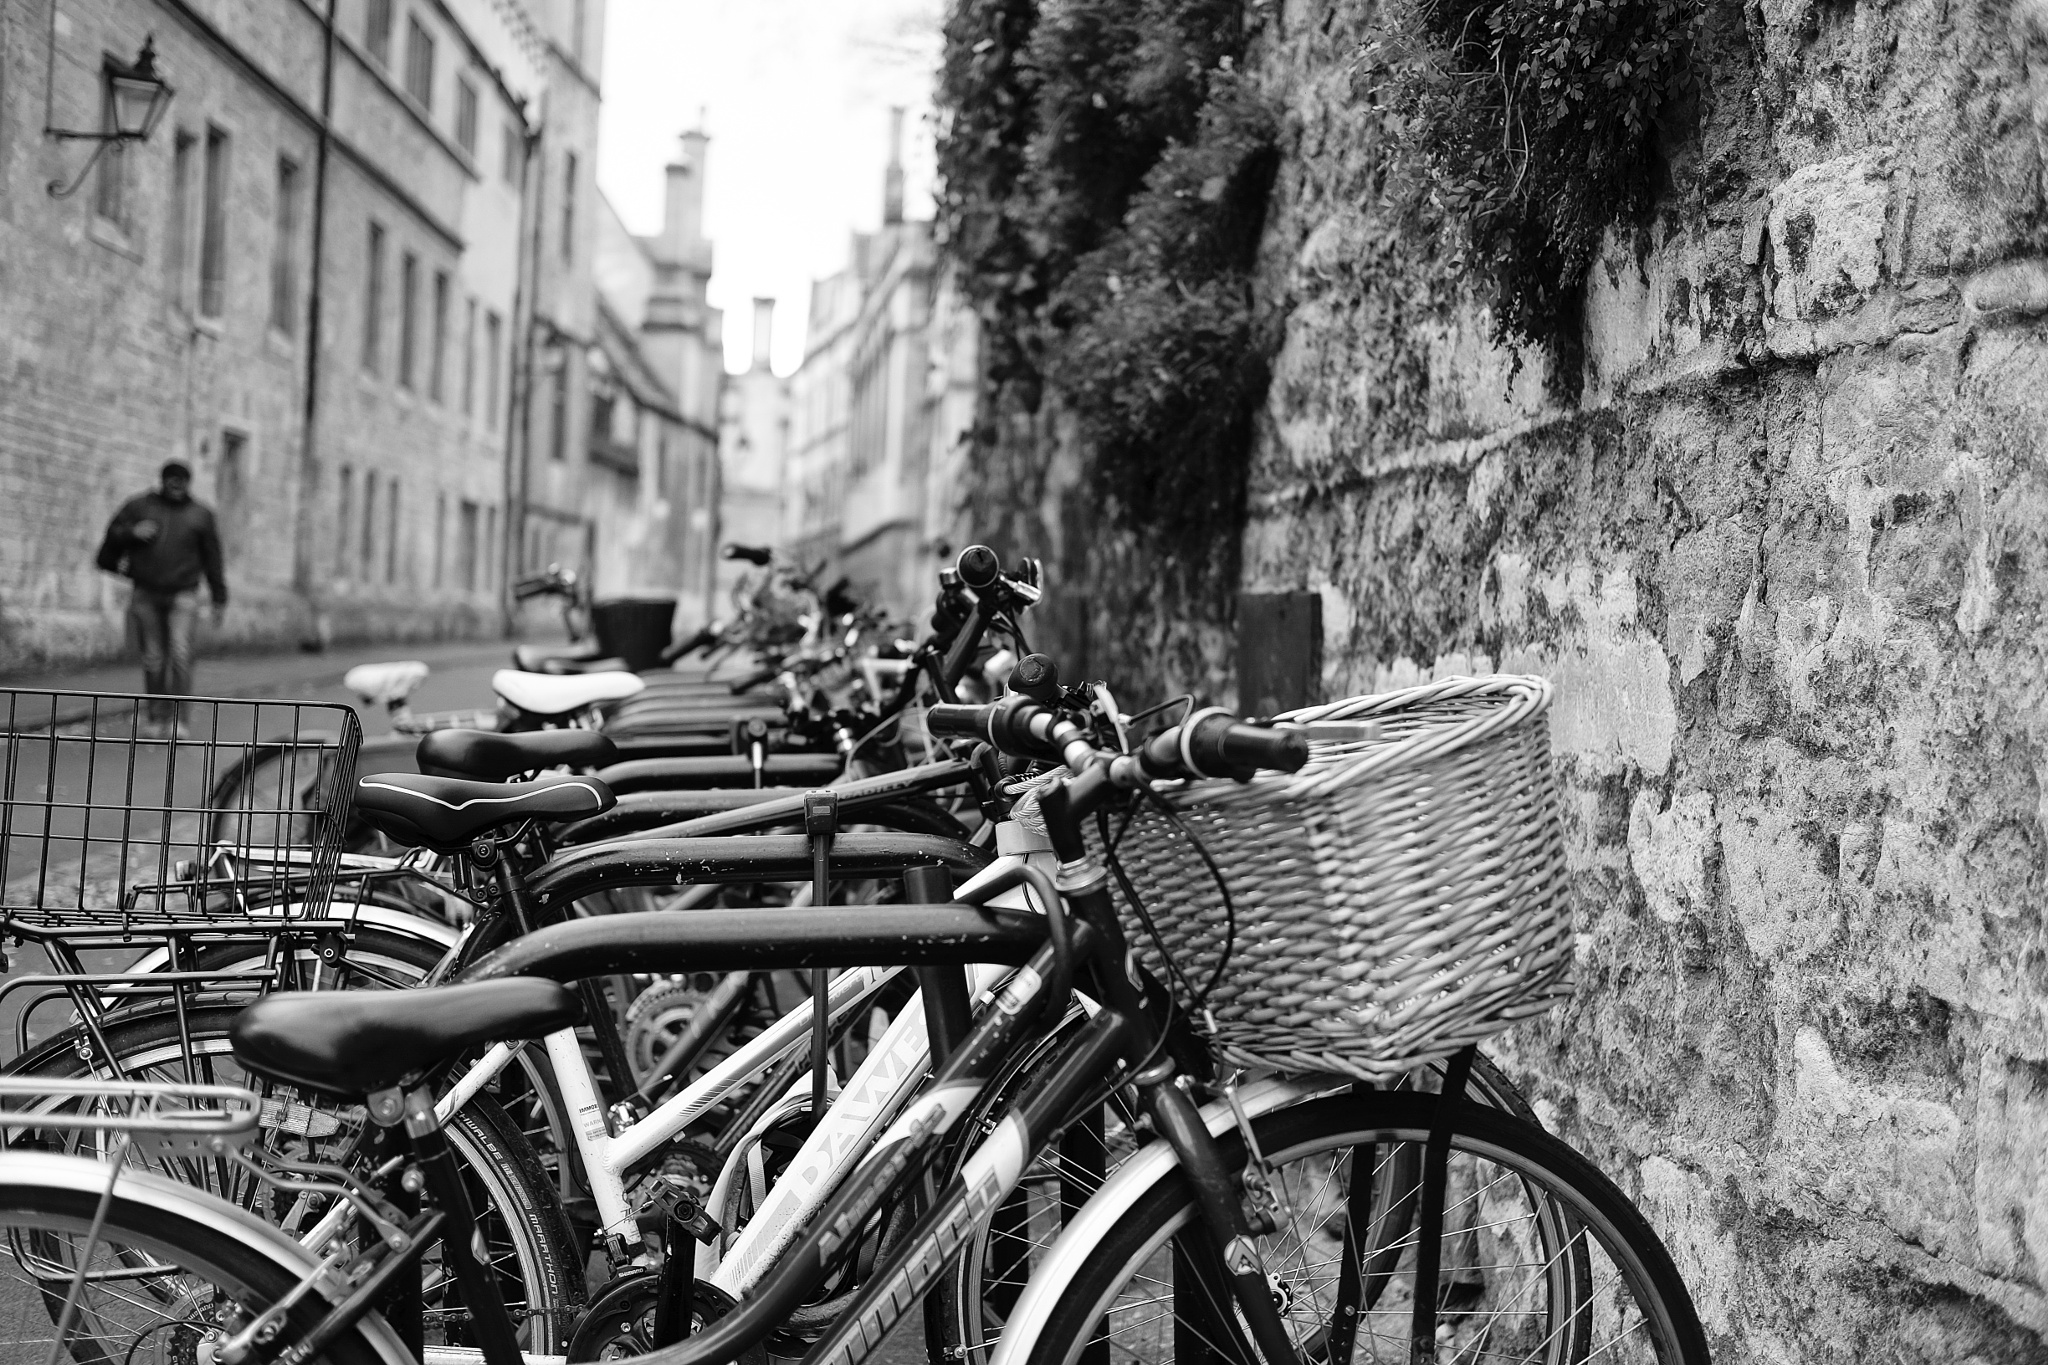 Bike Rack by Martin Beecroft